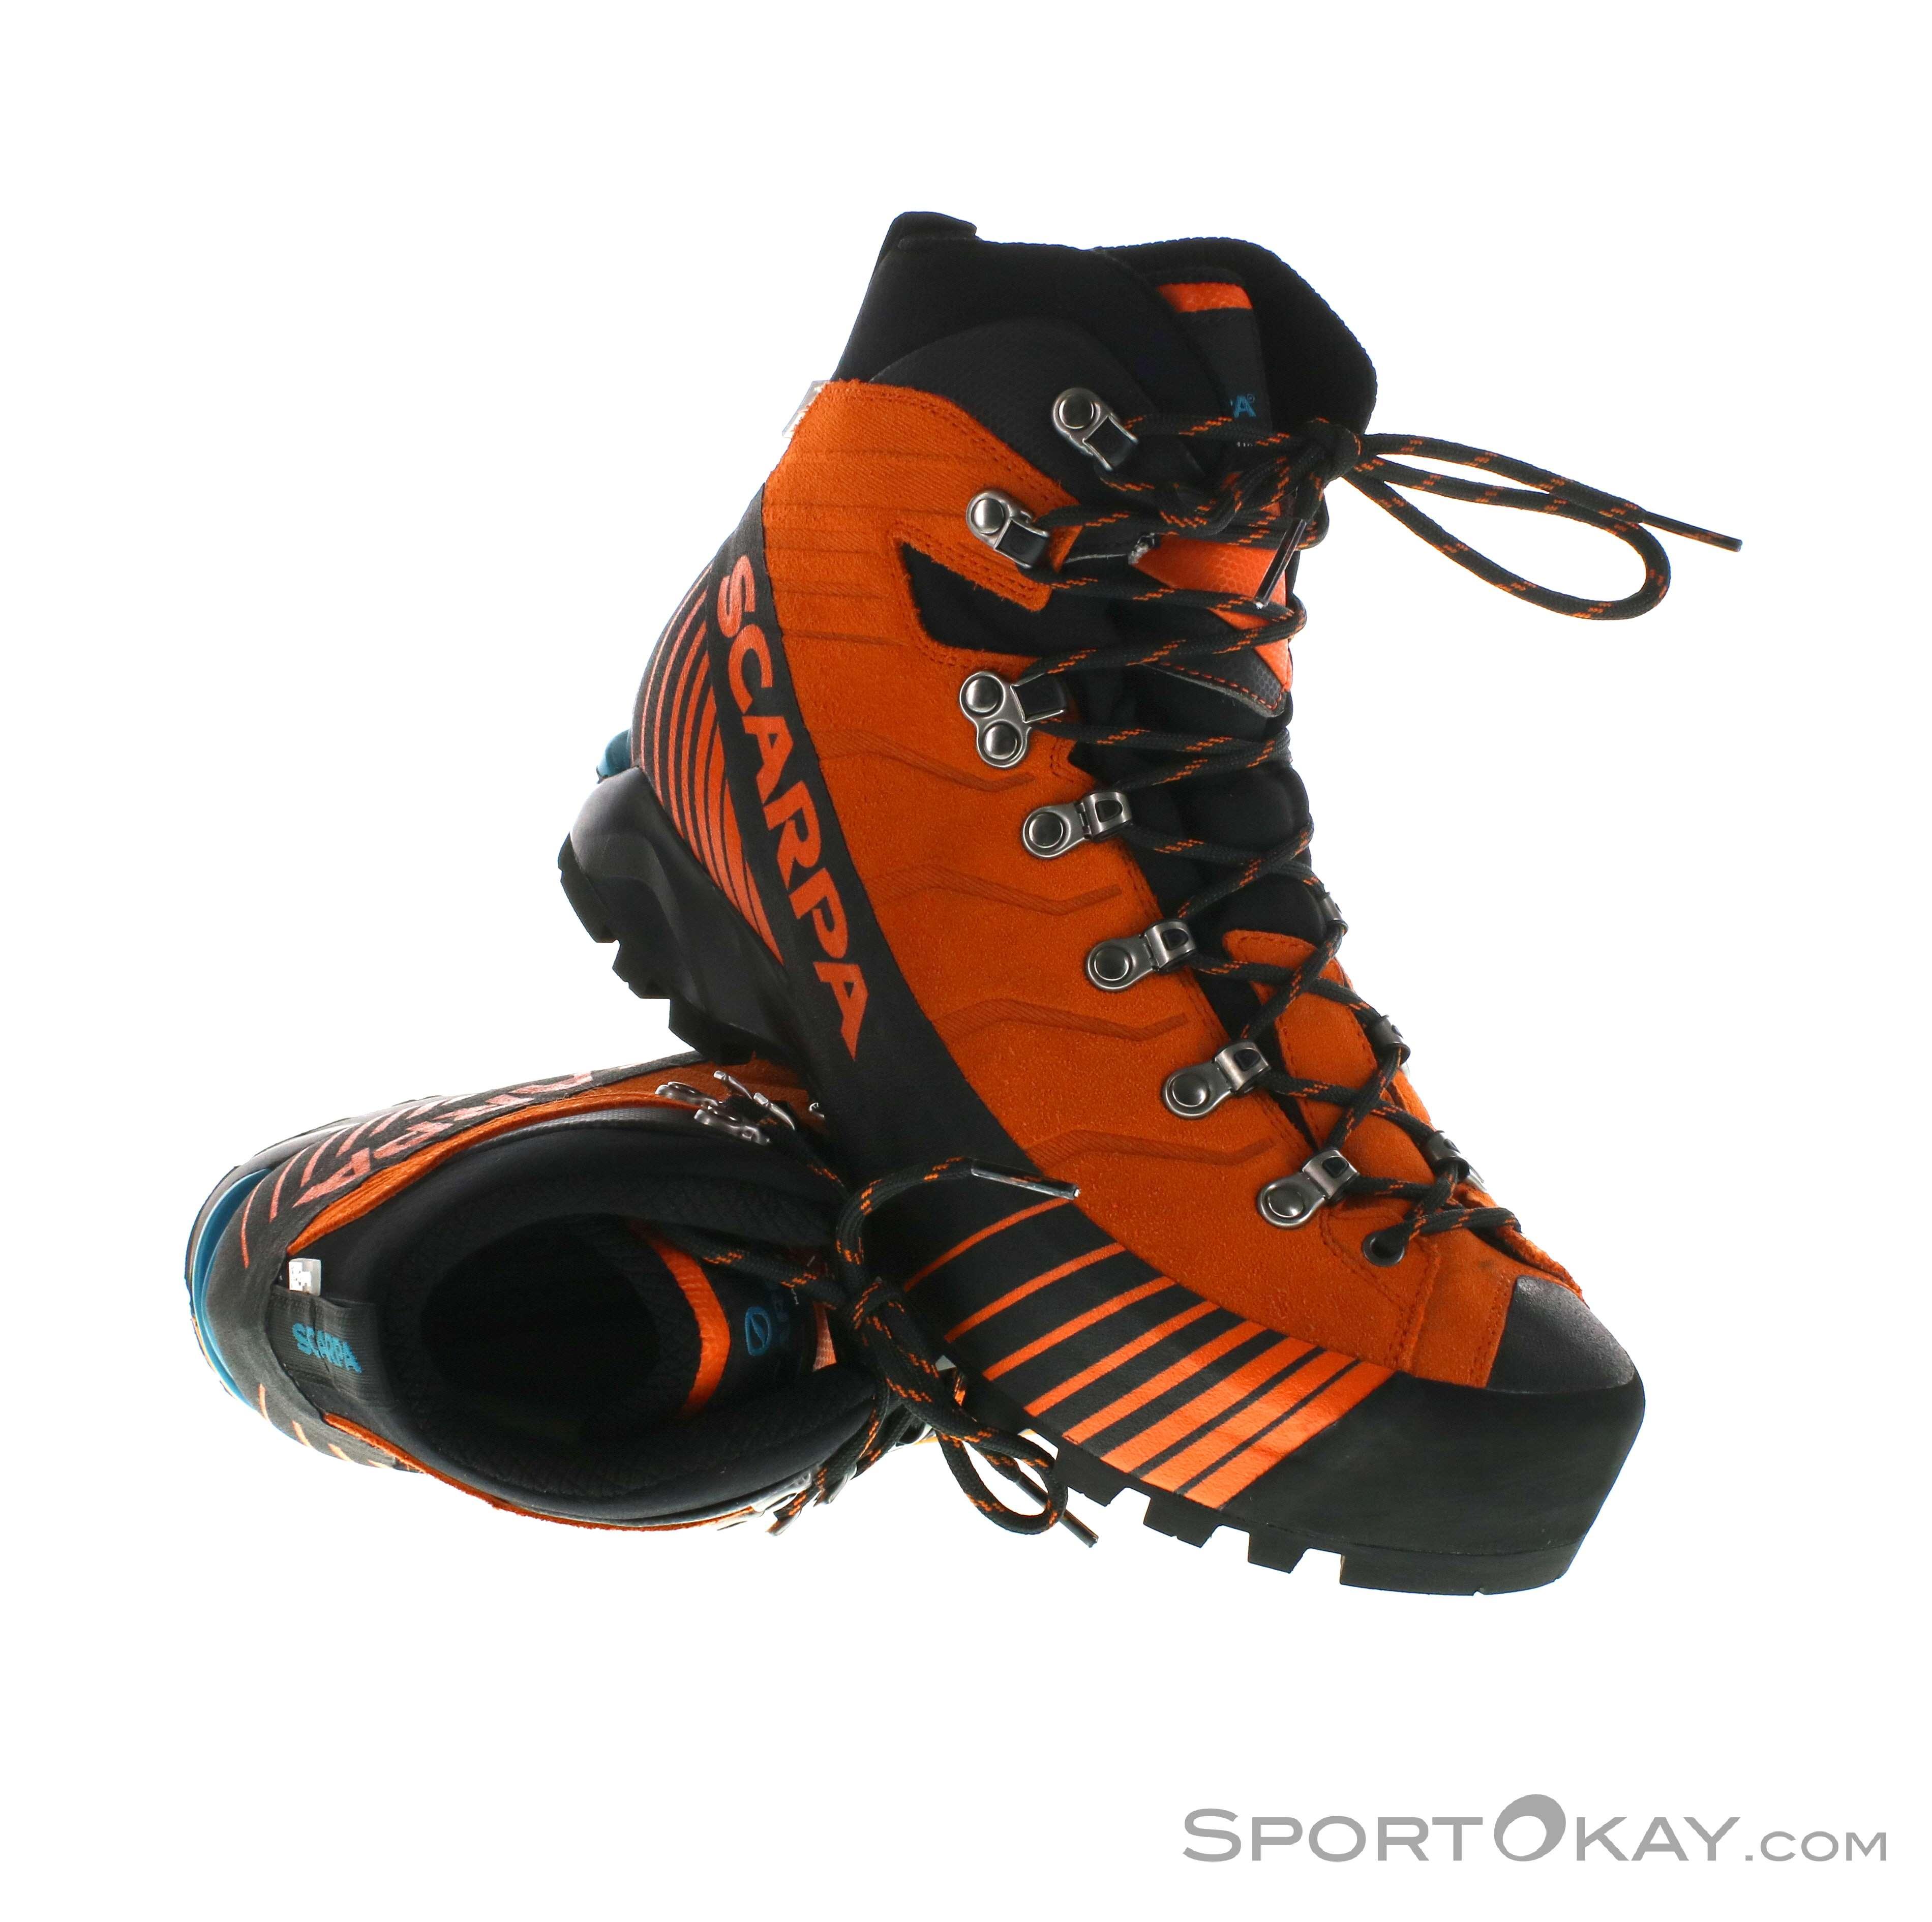 più economico alta moda selezione speciale di Scarpa Scarpa Ribelle OD Uomo Scarpe da Montagna